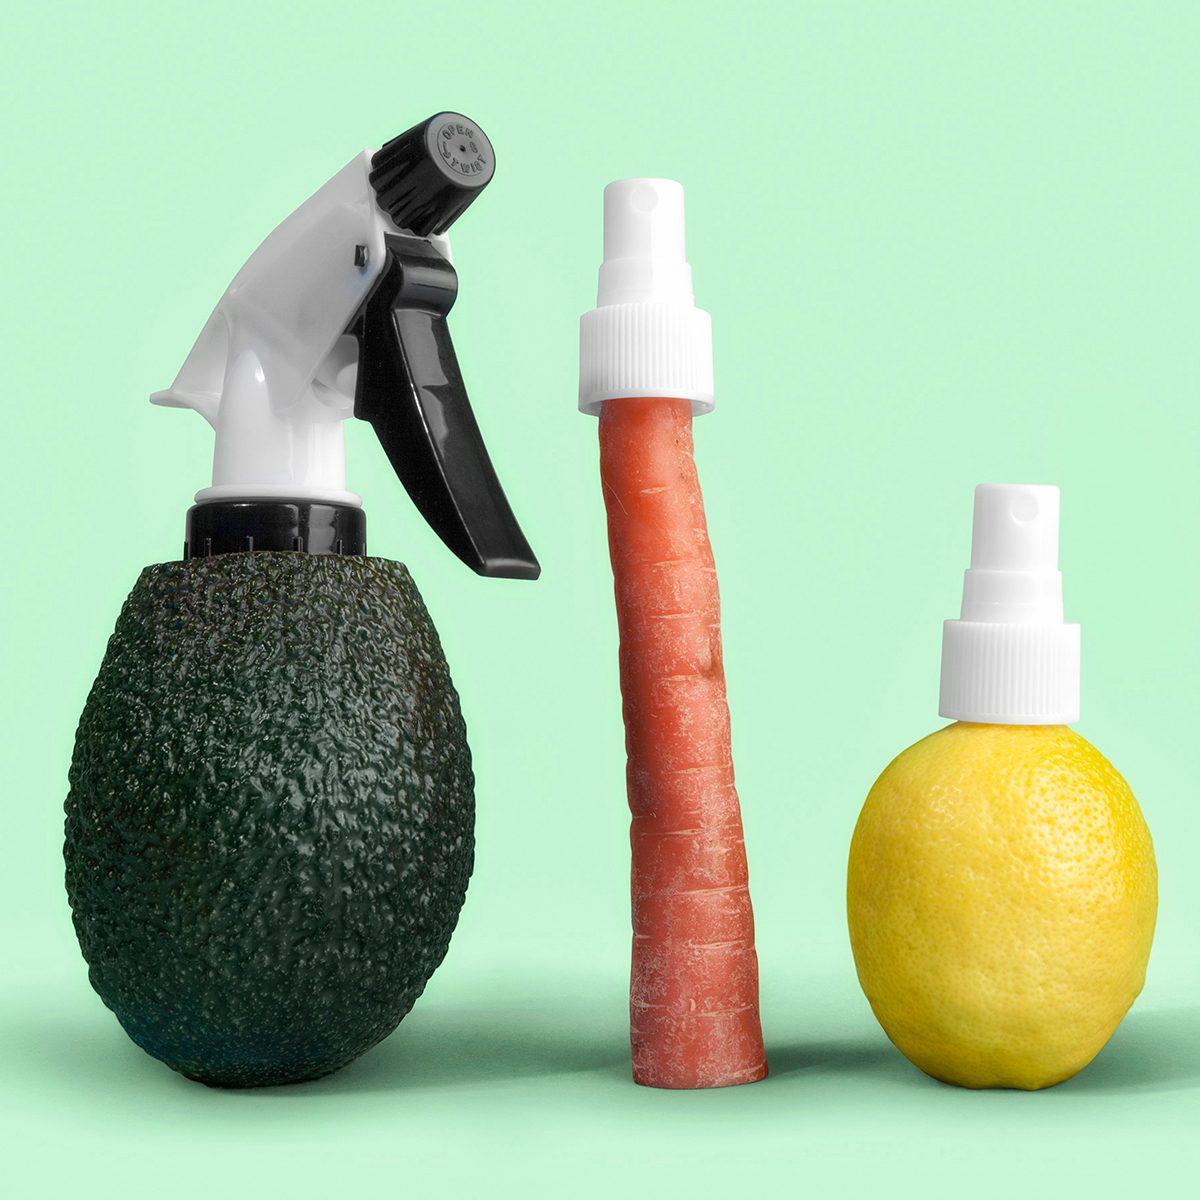 spray caps put into a lemon, carrot and avocado